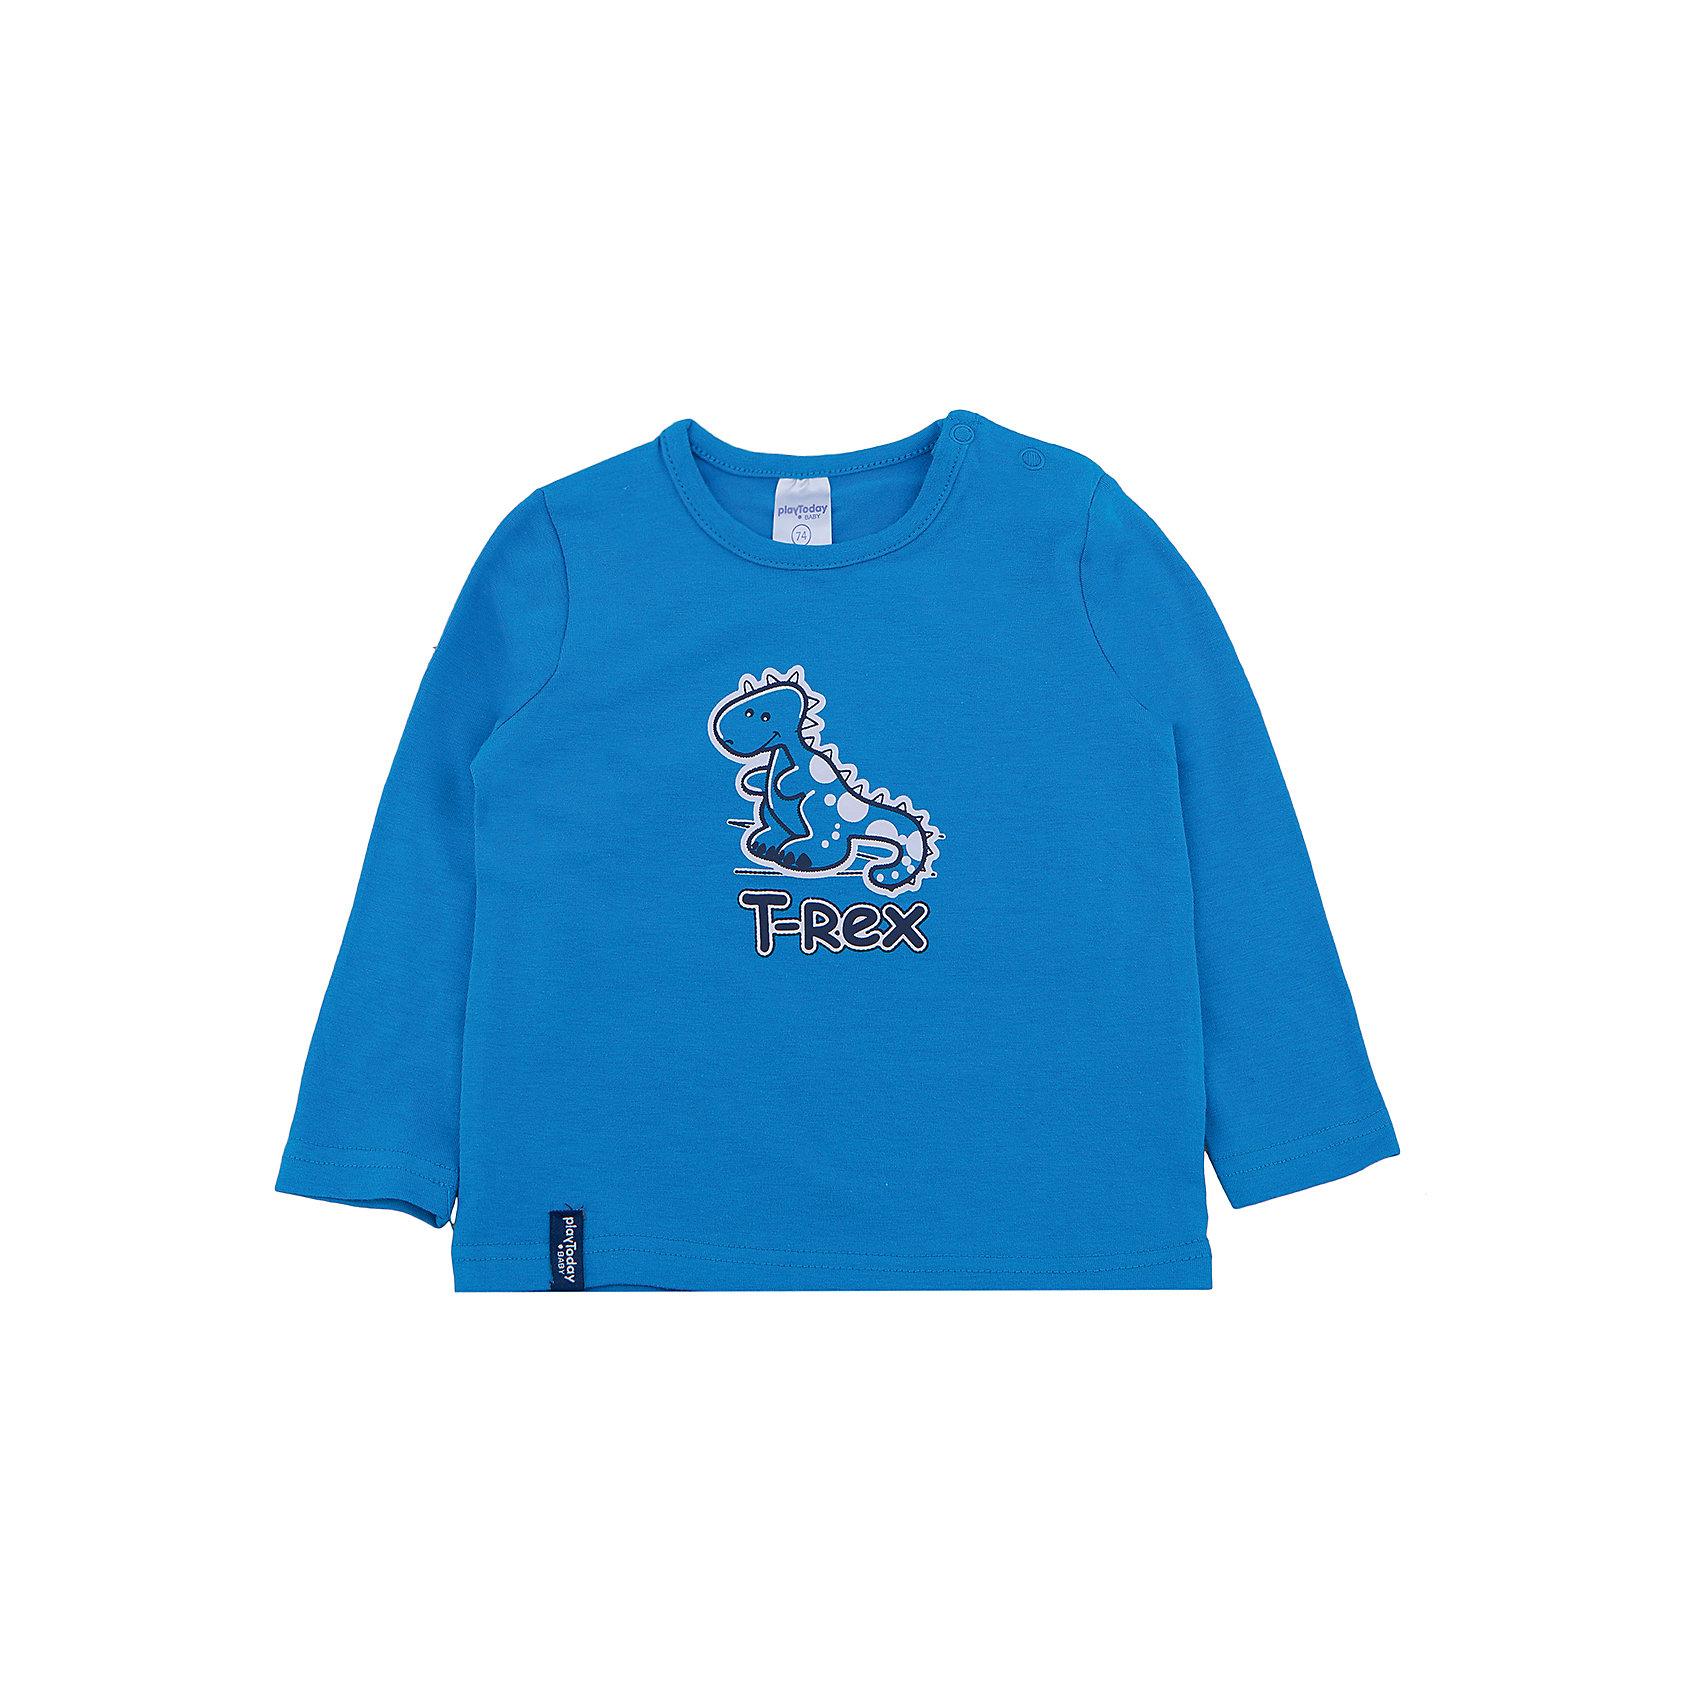 Футболка с длинным рукавом для мальчика PlayTodayФутболка с длинным рукавом для мальчика от известного бренда PlayToday.<br>Яркая базовая футболка с длинными рукавами. Украшена принтом с забавным динозавриком. Застегивается на кнопки на плече, чтобы ее удобно было надевать и снимать.<br>Состав:<br>95% хлопок, 5% эластан<br><br>Ширина мм: 157<br>Глубина мм: 13<br>Высота мм: 119<br>Вес г: 200<br>Цвет: синий<br>Возраст от месяцев: 6<br>Возраст до месяцев: 9<br>Пол: Мужской<br>Возраст: Детский<br>Размер: 74,86,80,92<br>SKU: 4900428